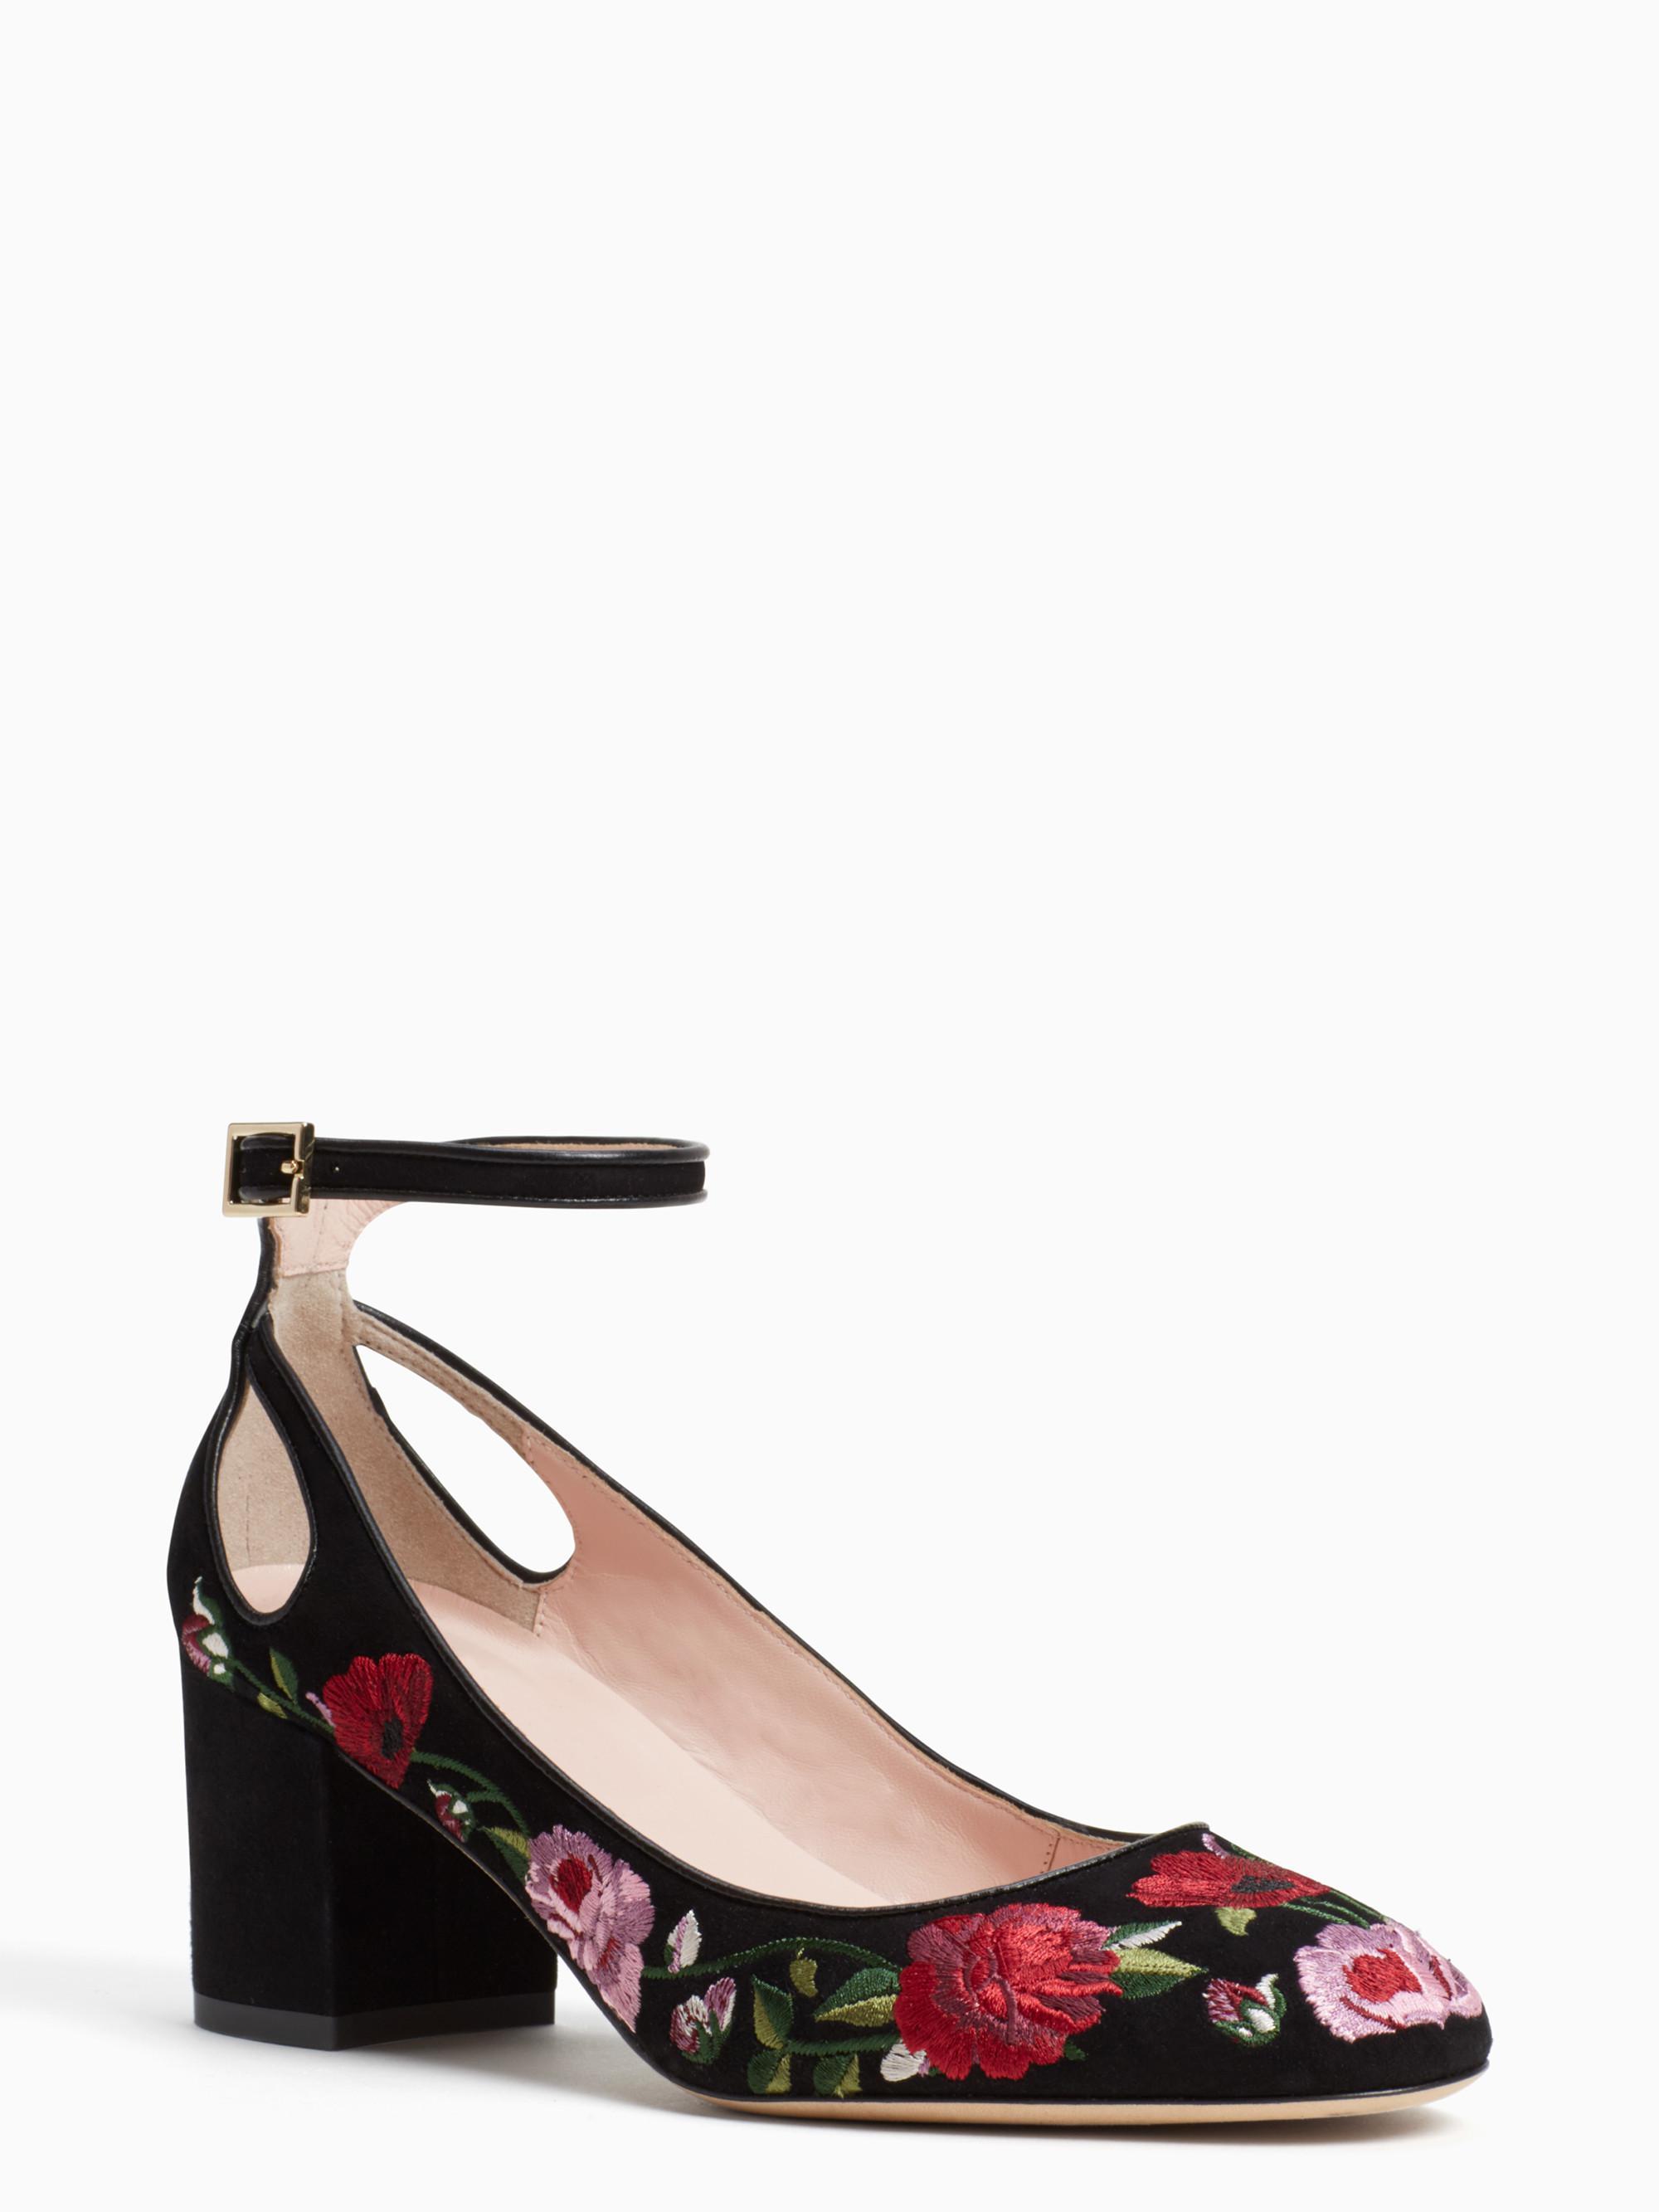 2406035d61b5 Lyst - Kate Spade Gable Heels in Black